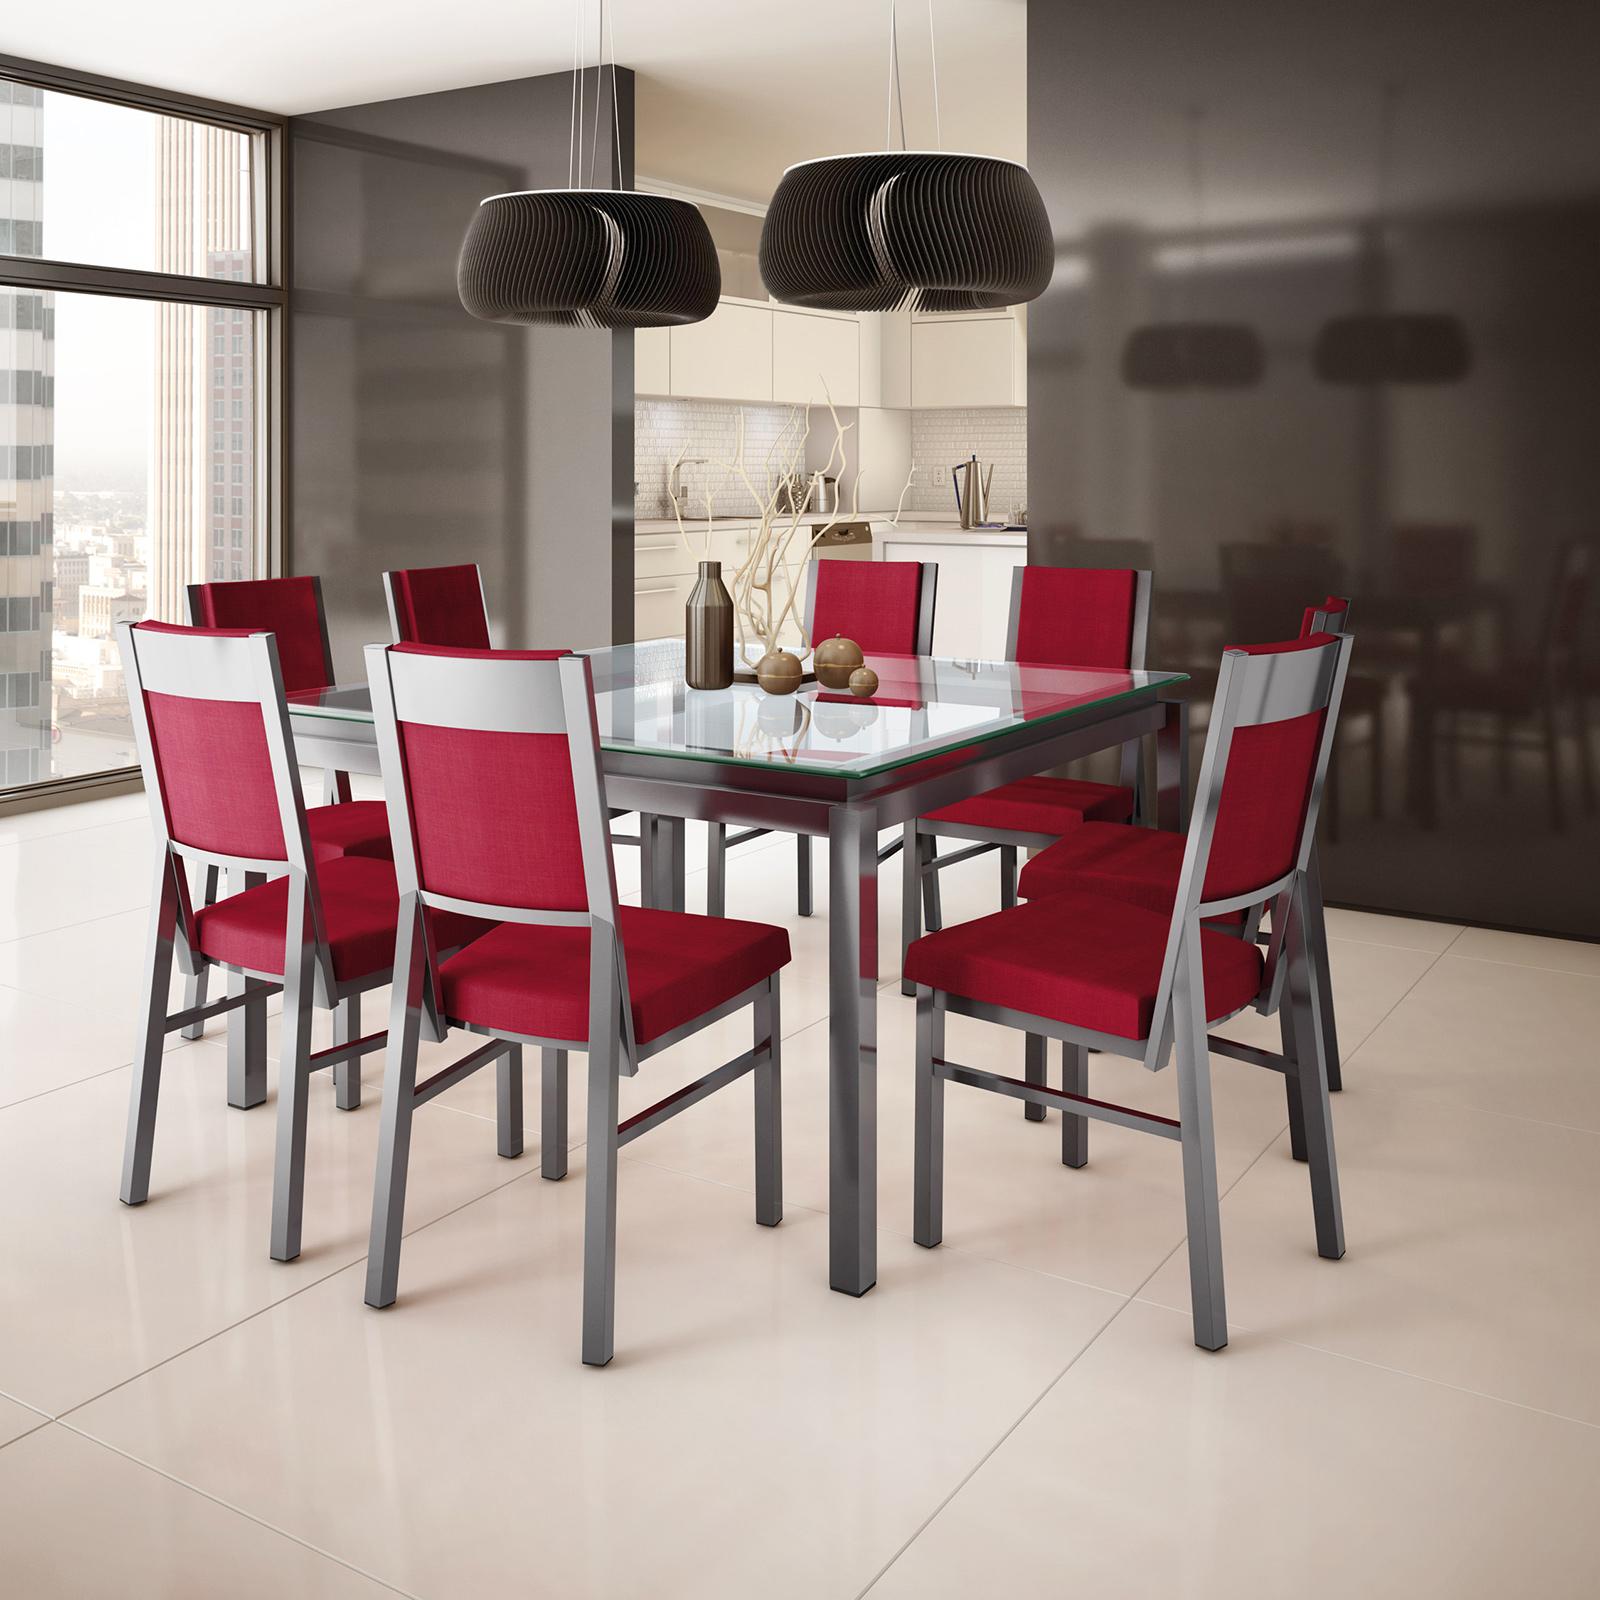 Modèle : Nicholson (À partir de 979$ – Table) Payton (À partir de 279$ – Chaise)